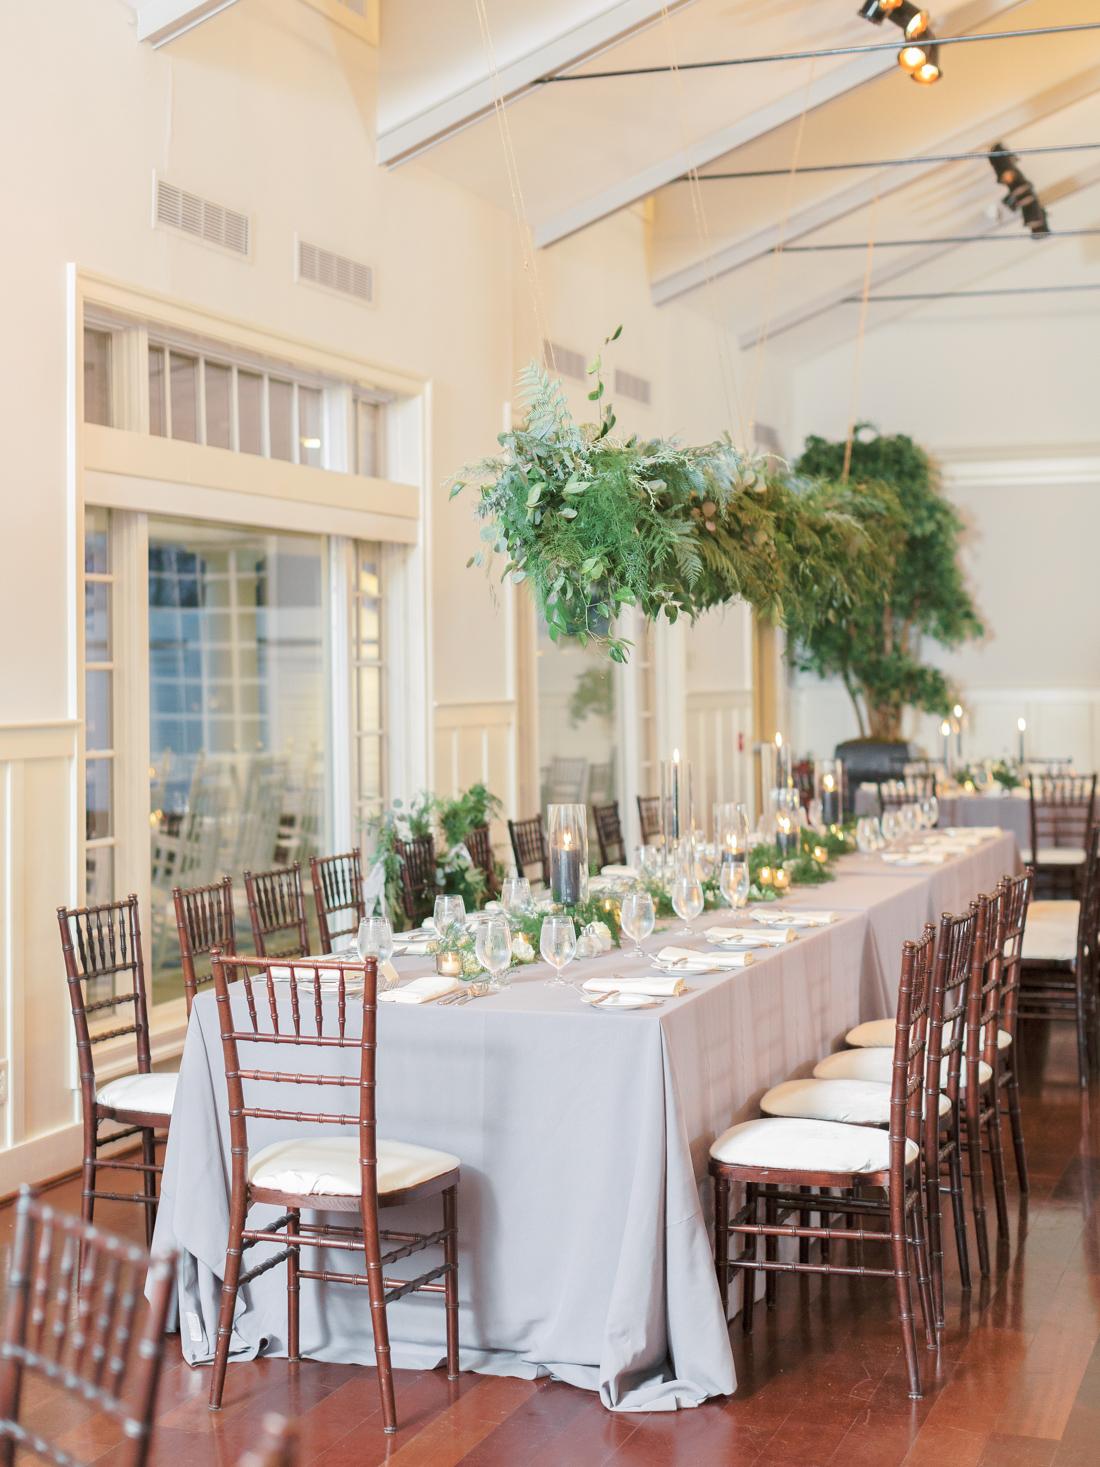 crimson-clover-floral-design-chesapeake-bay-beach-club